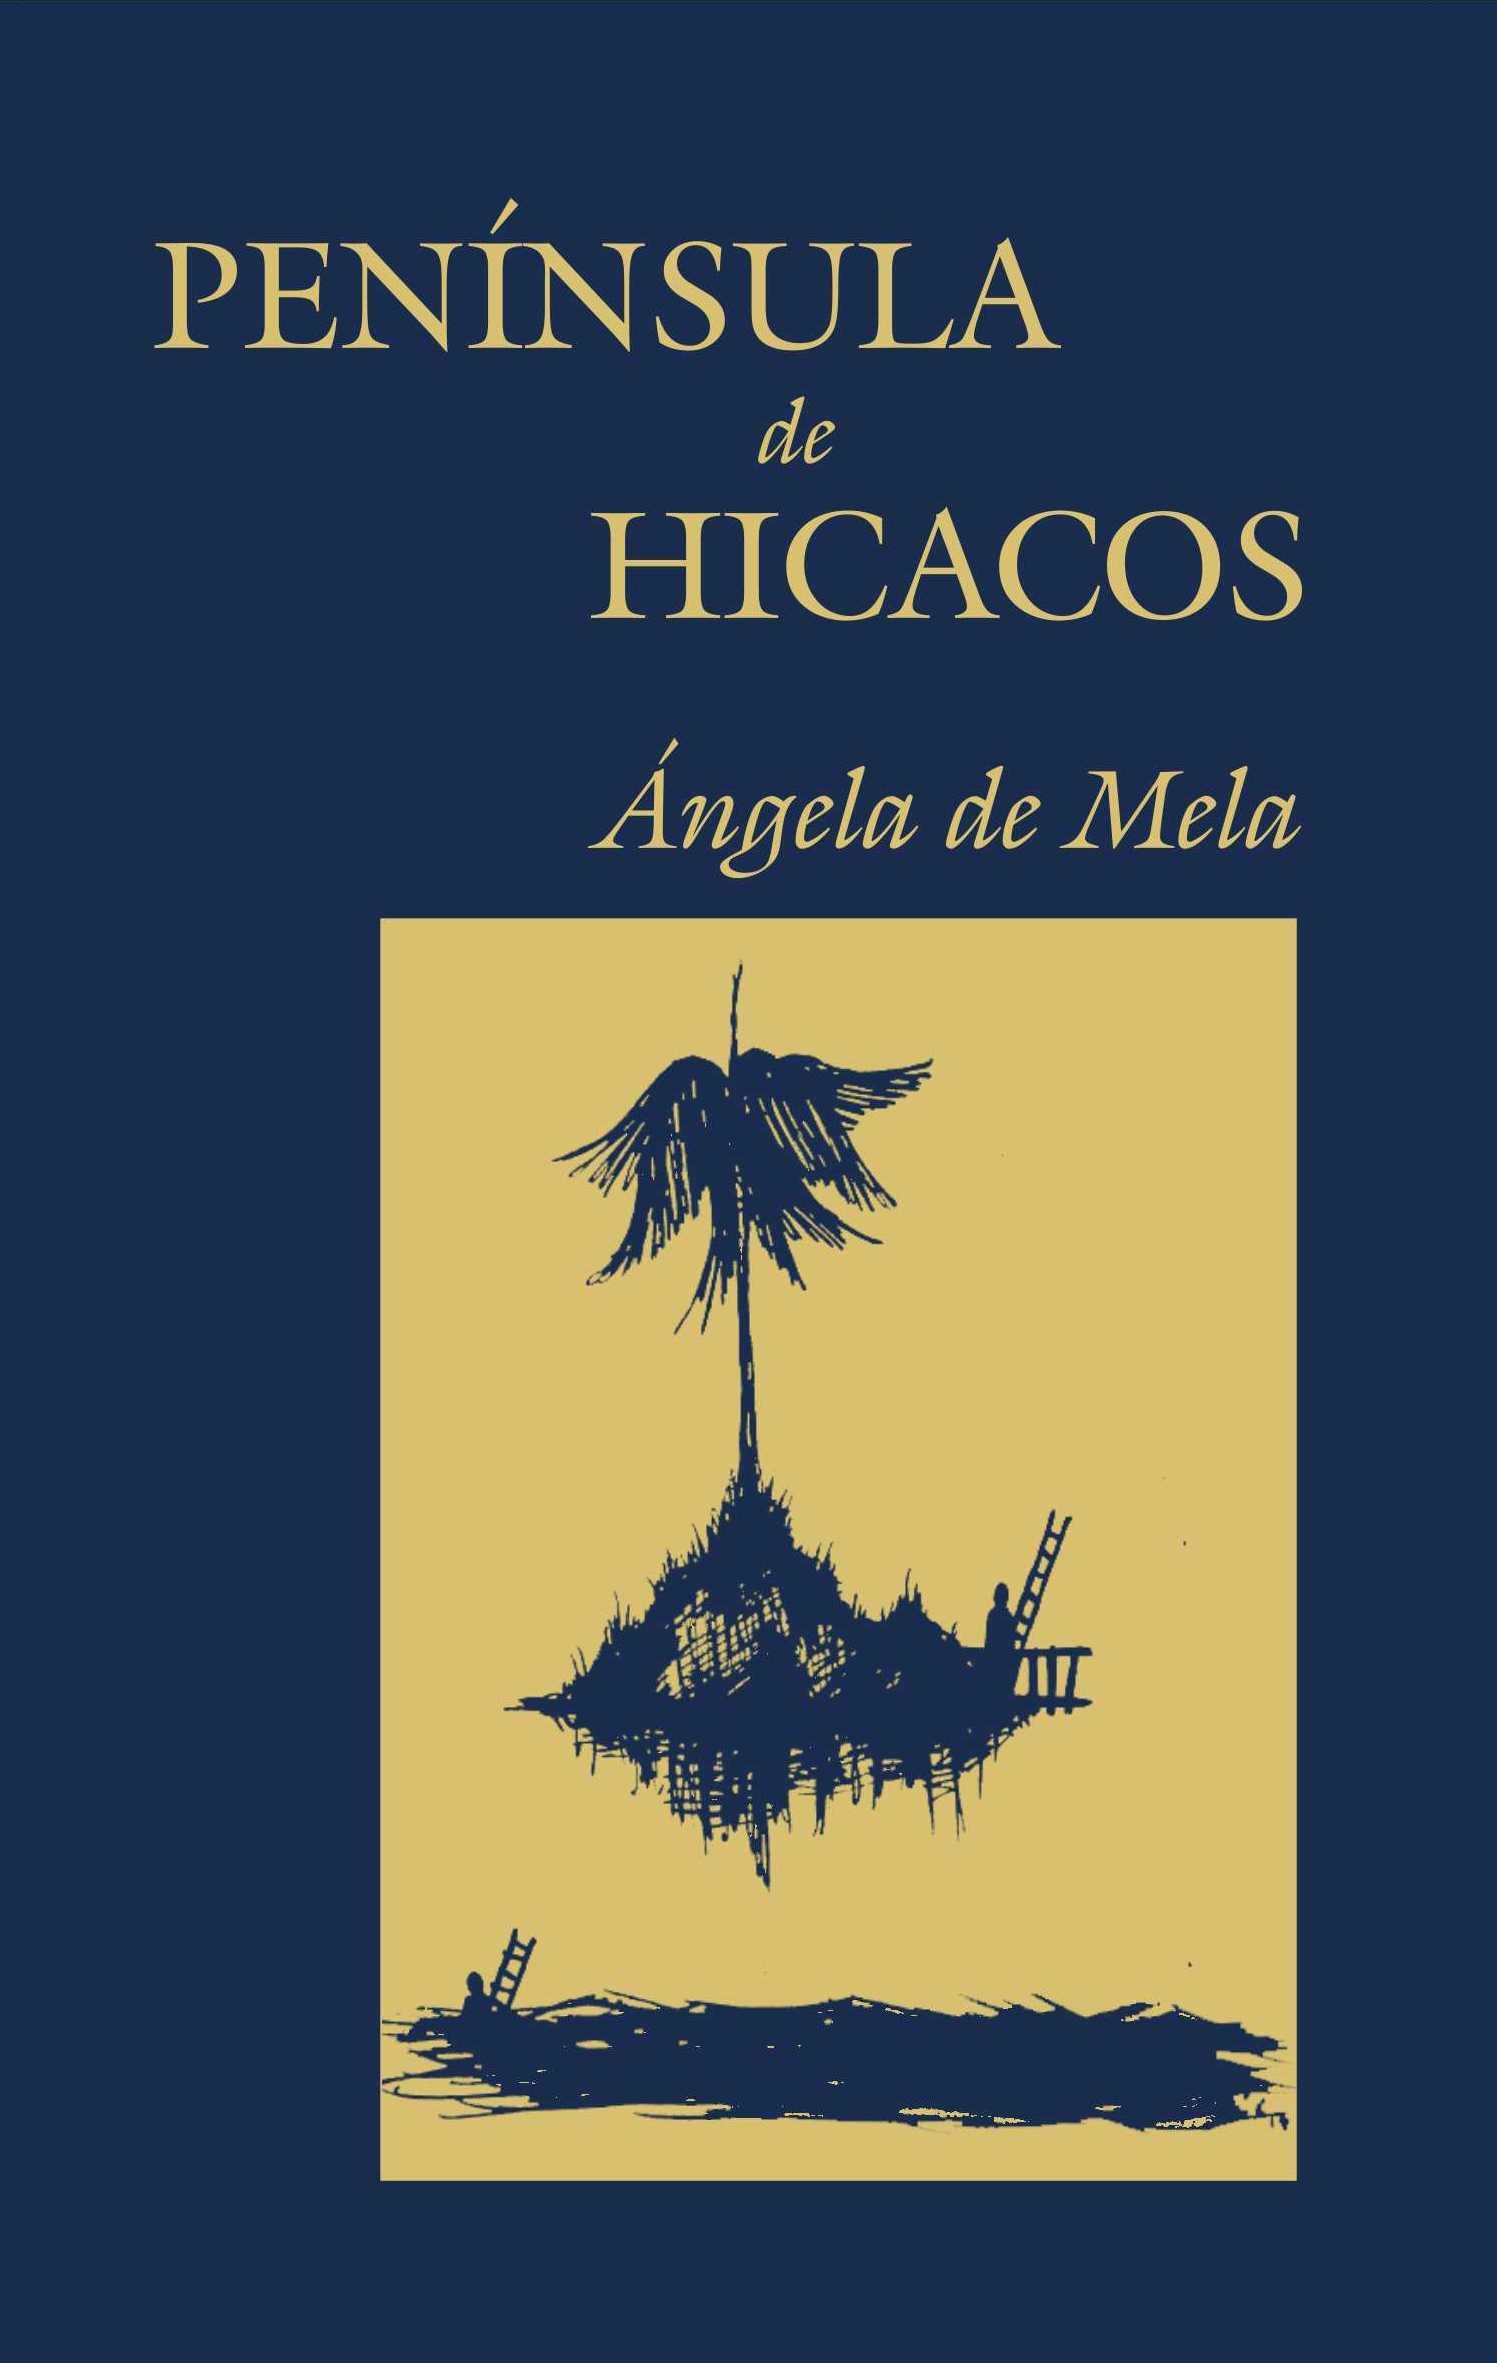 PENÍNSULA DE HICACOS CUBIERTA